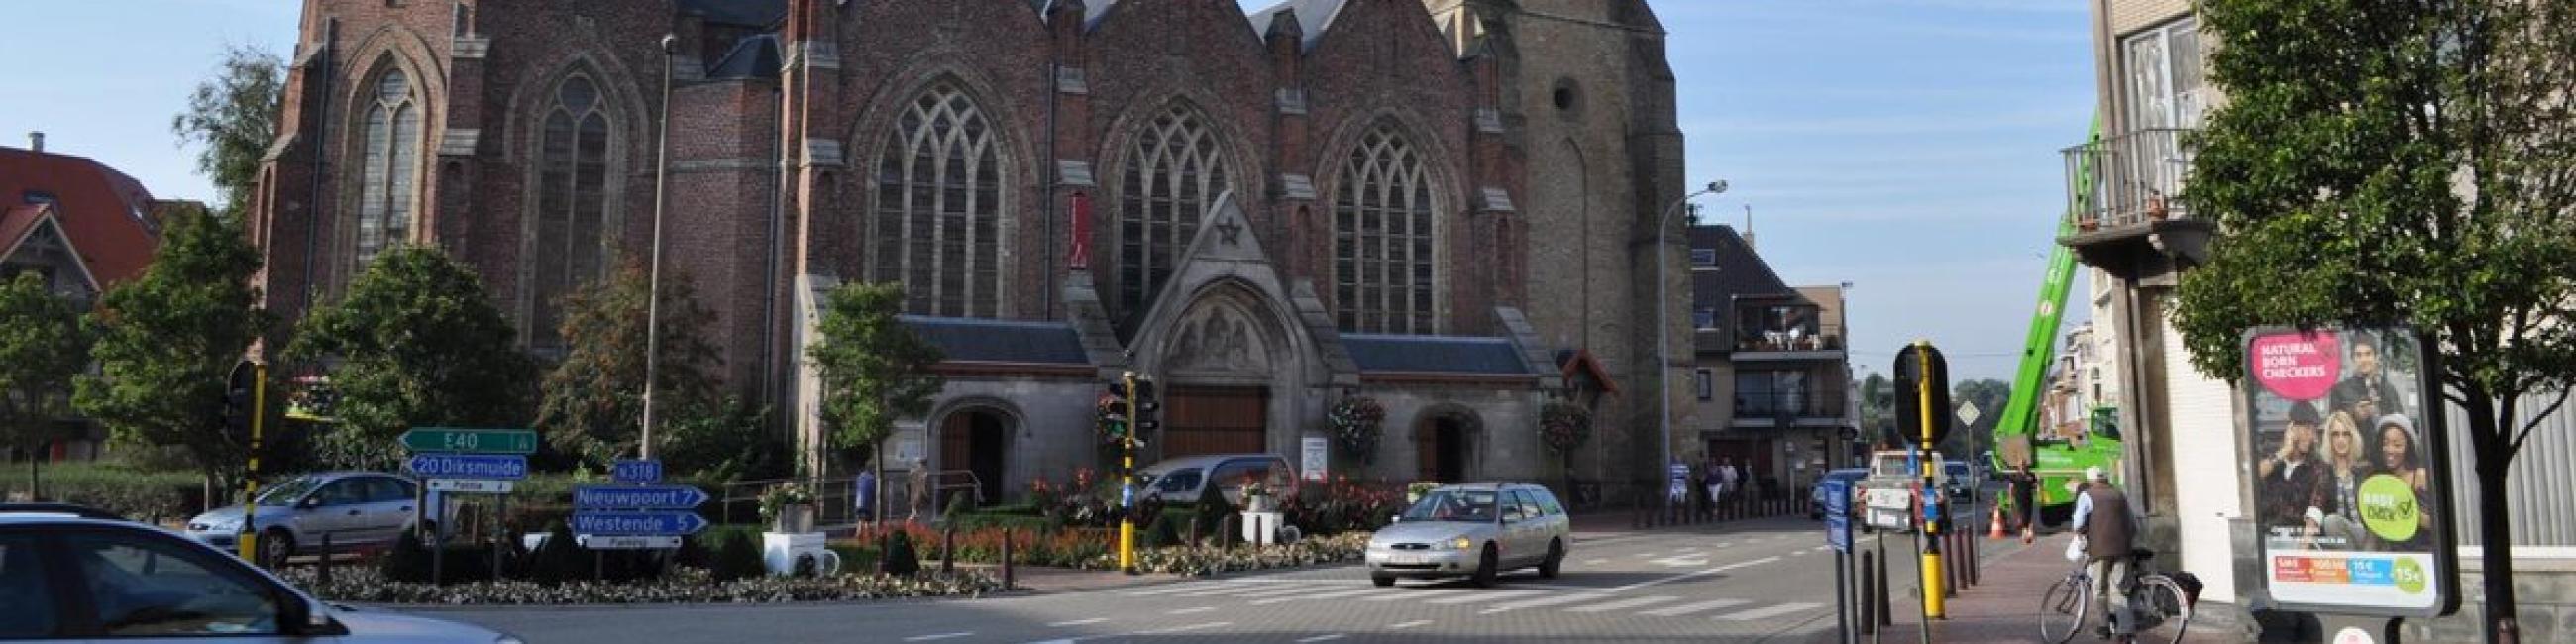 Kerk Middelkerke